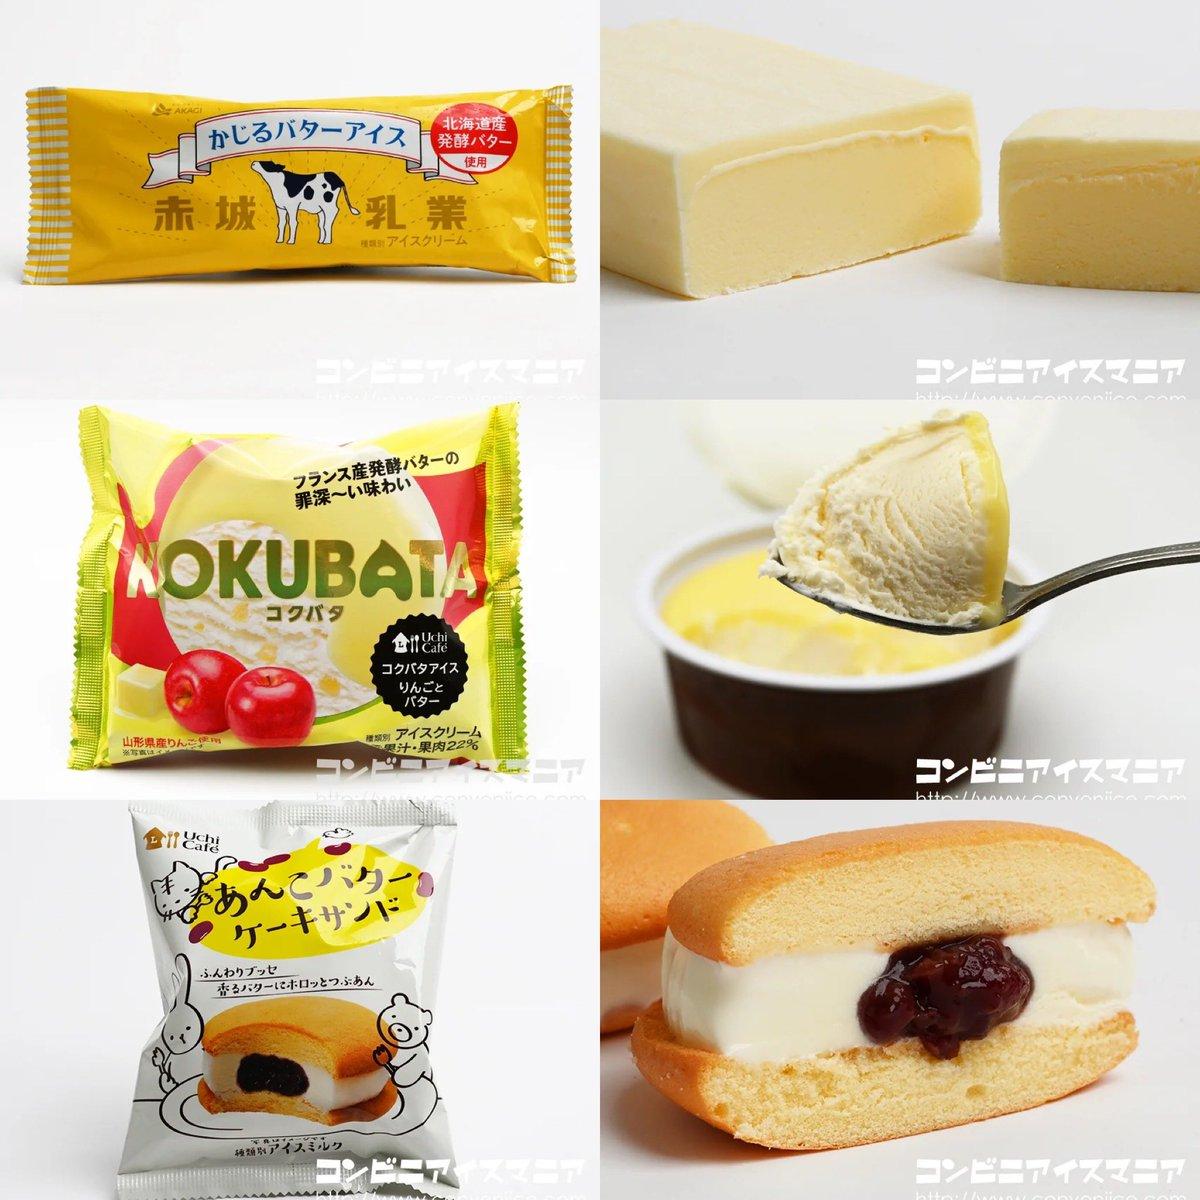 バターアイス好きの人は赤城乳業「かじるバターアイスバー」のほかに、今ローソンウチカフェで「コクバタ」「あんこバターケーキサンド」などがあるので是非食べてみてください😉